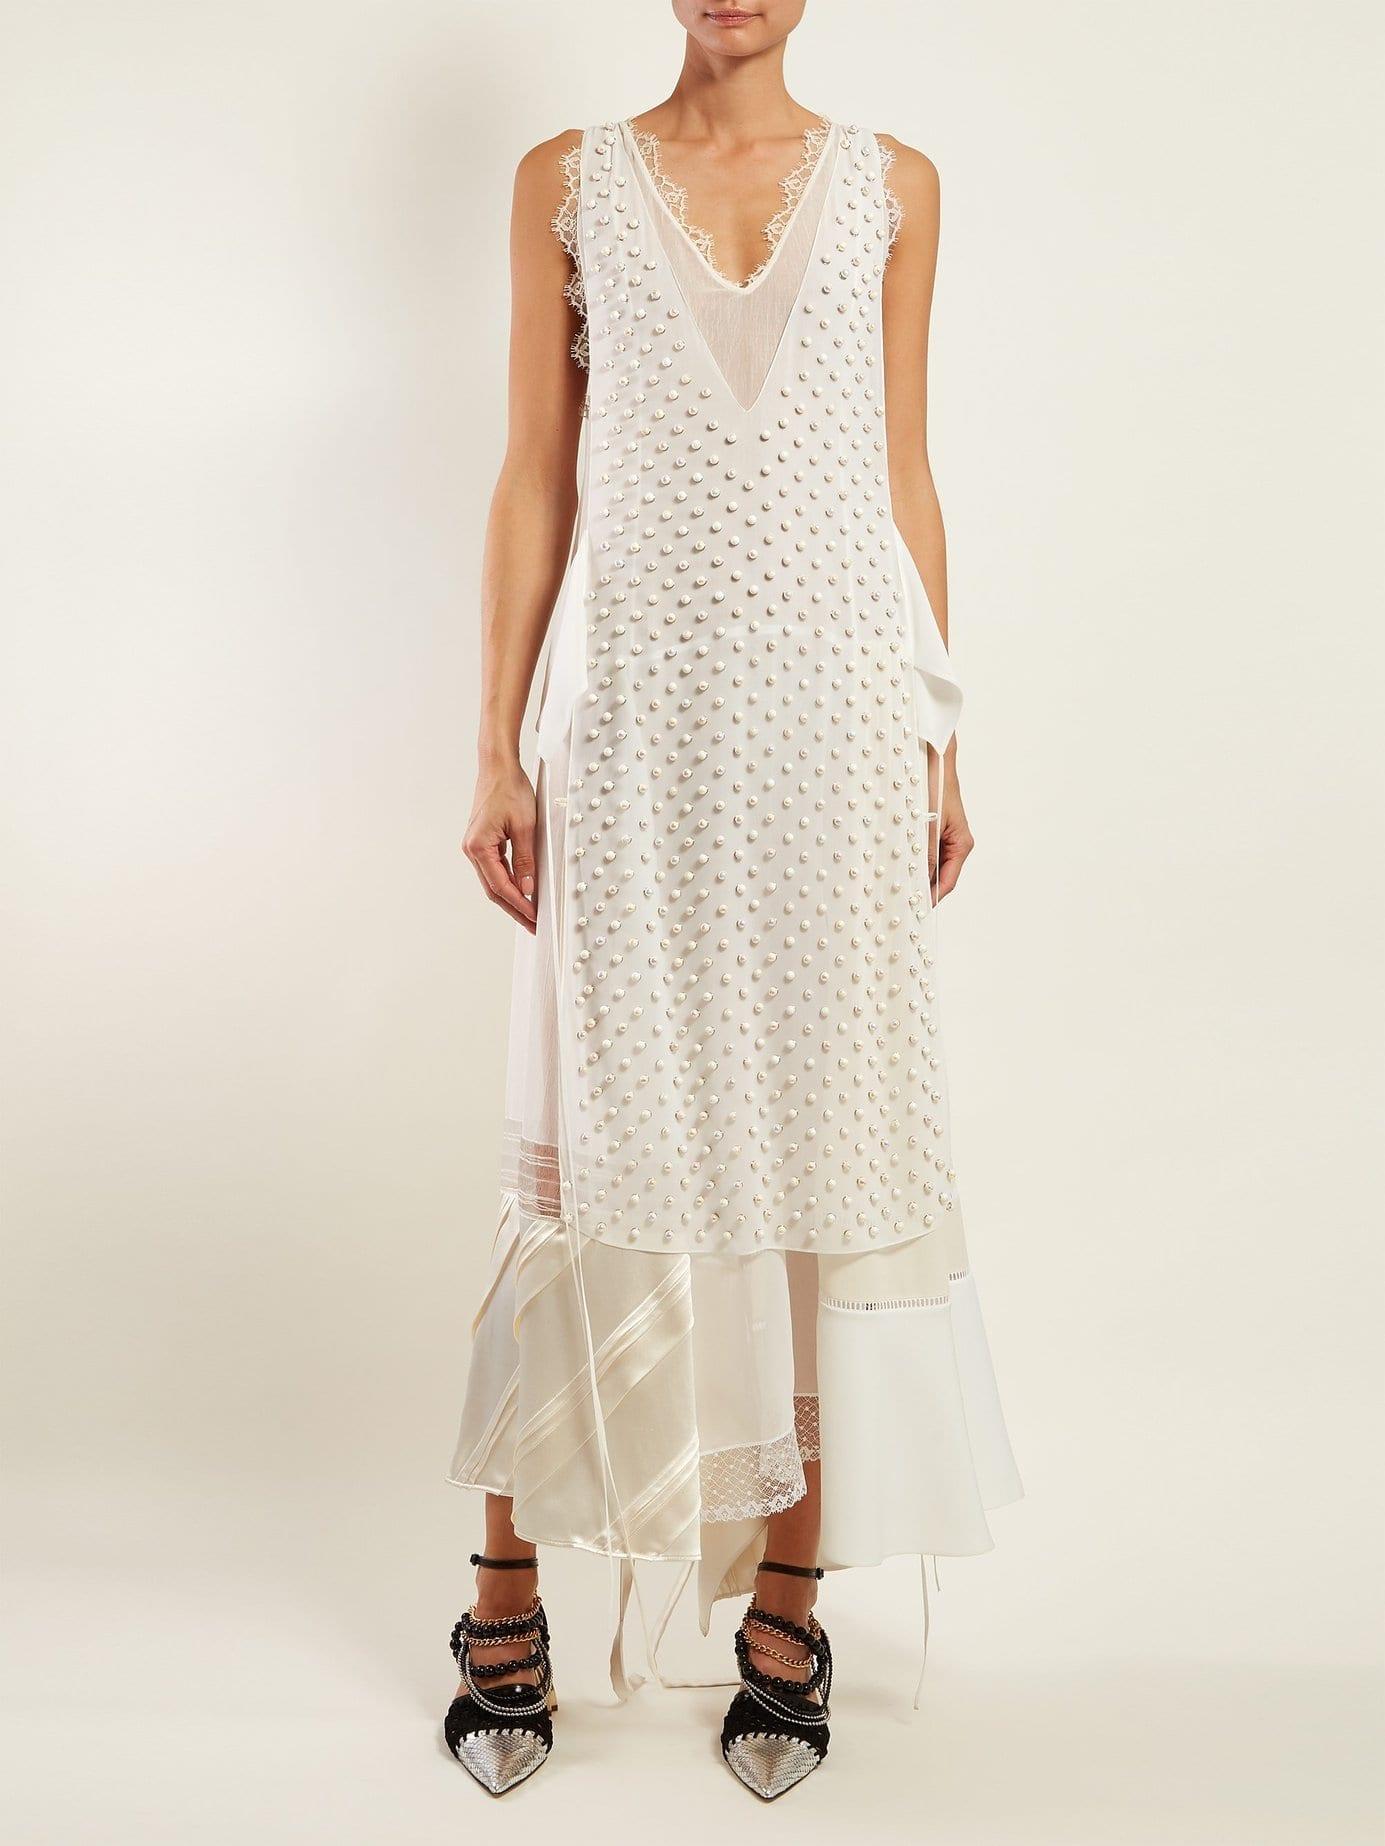 LOEWE Beaded Panelled Chiffon White Dress